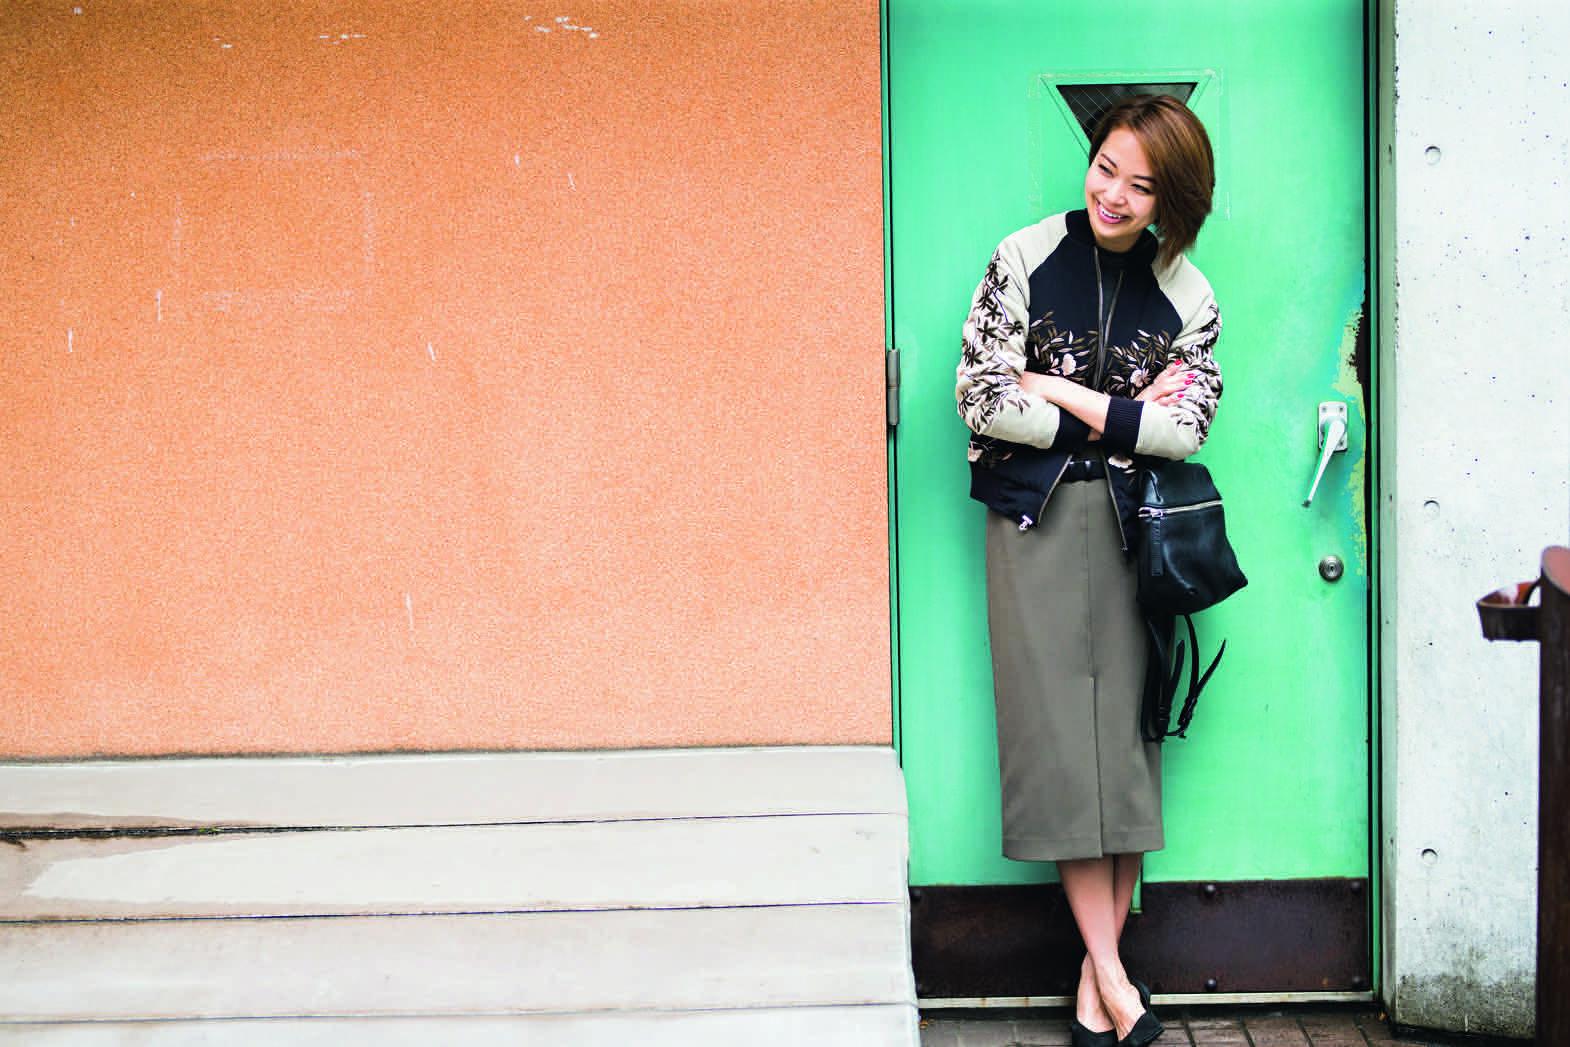 インパクト大の刺繍スタジャンを、あえてタイトスカートで女っぽく/小山田早織さんの7days coordinate #Day4